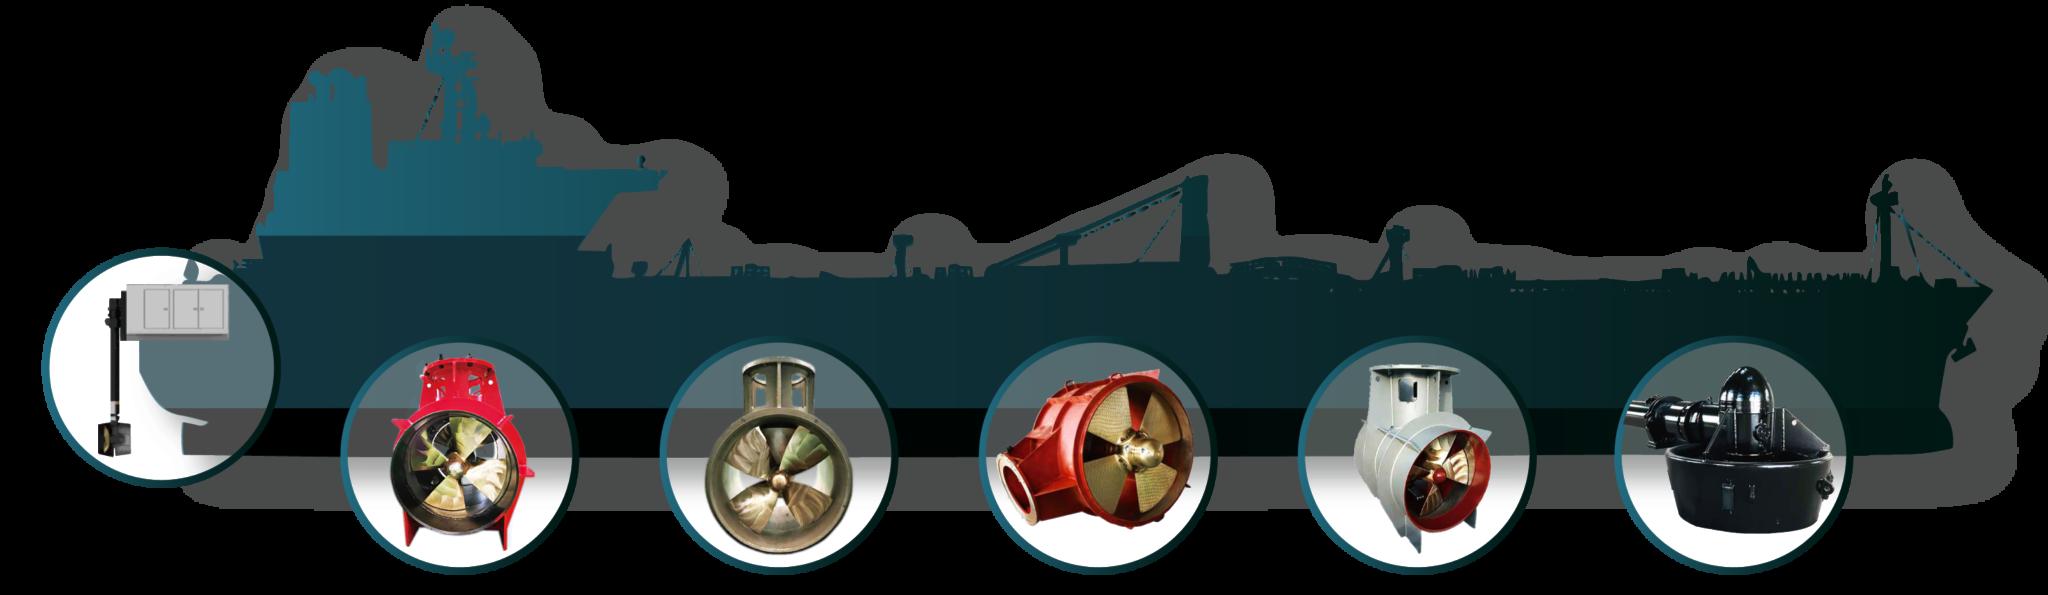 Silueta barco mercante con diferentes modelos de hélices